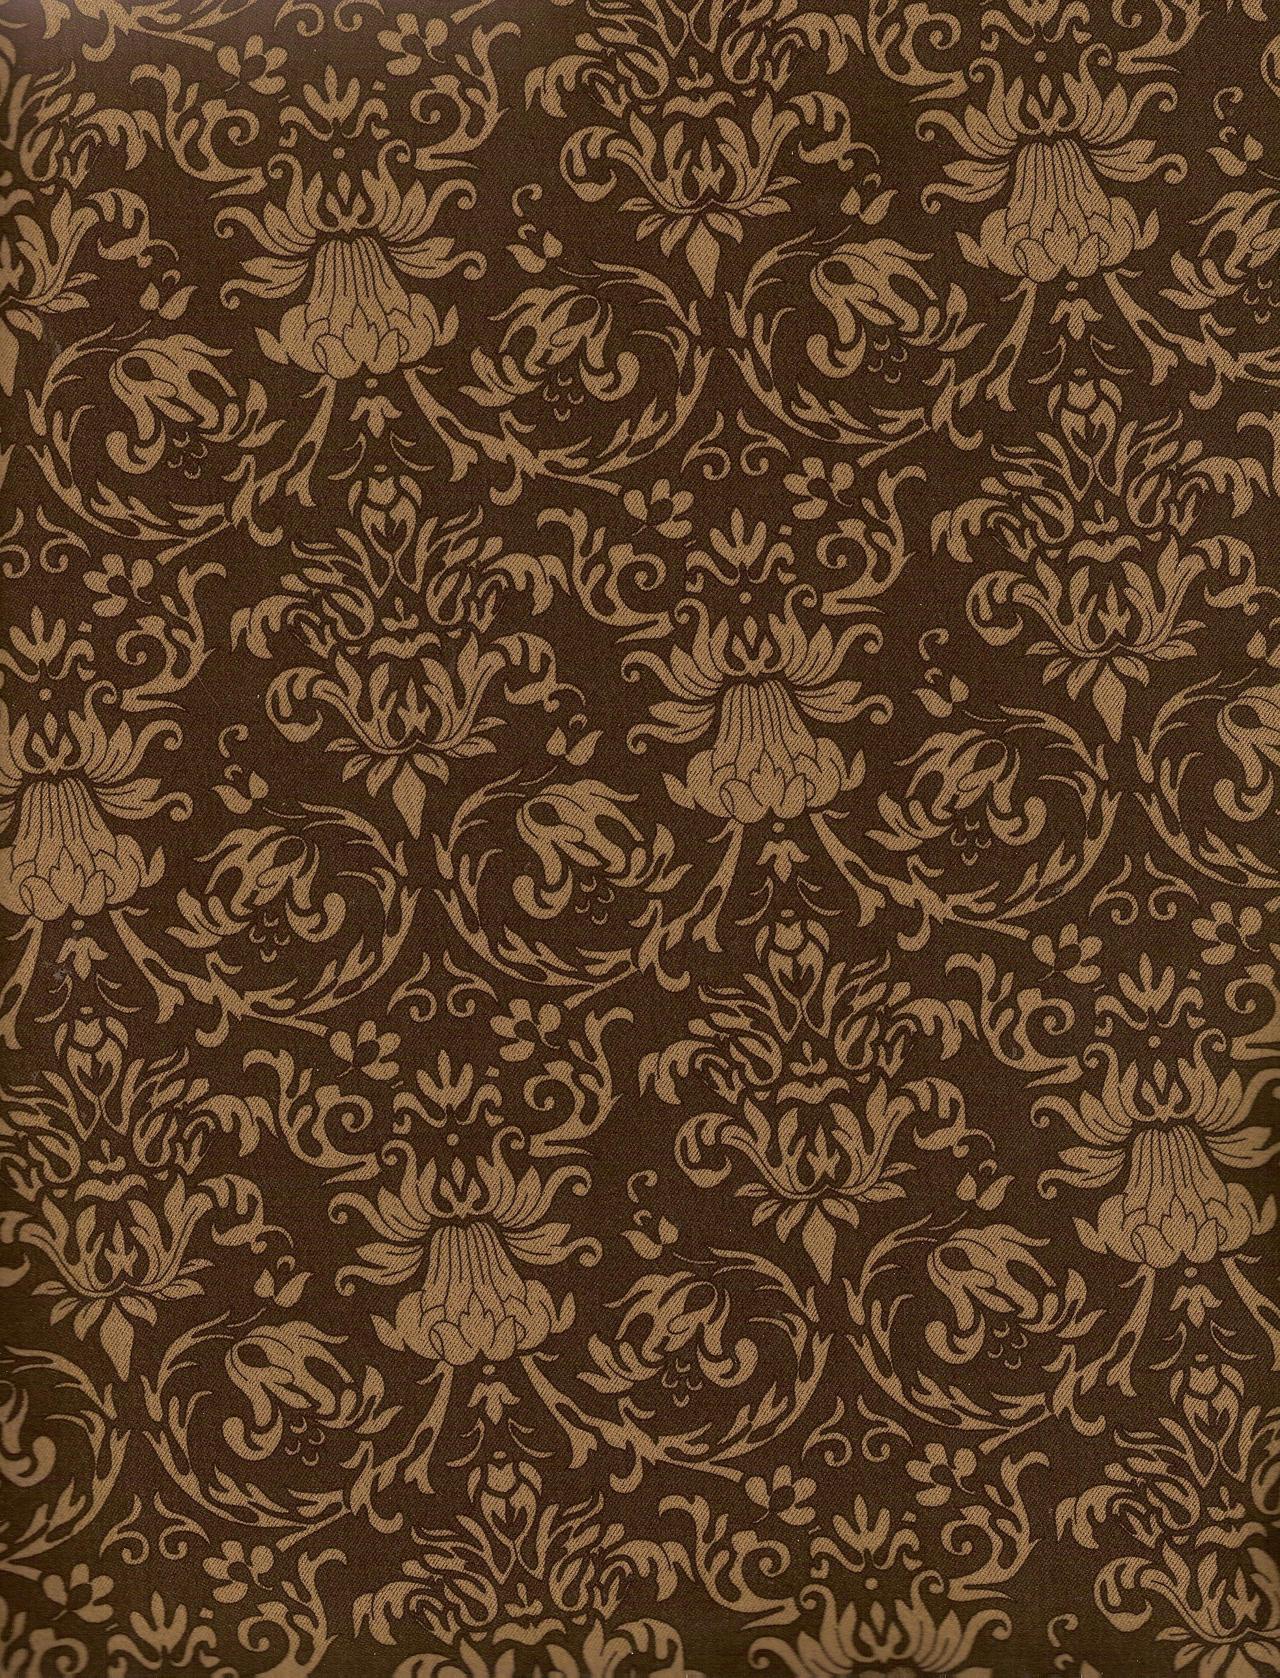 Art Nouveau Pattern Texture by Enchantedgal-Stock